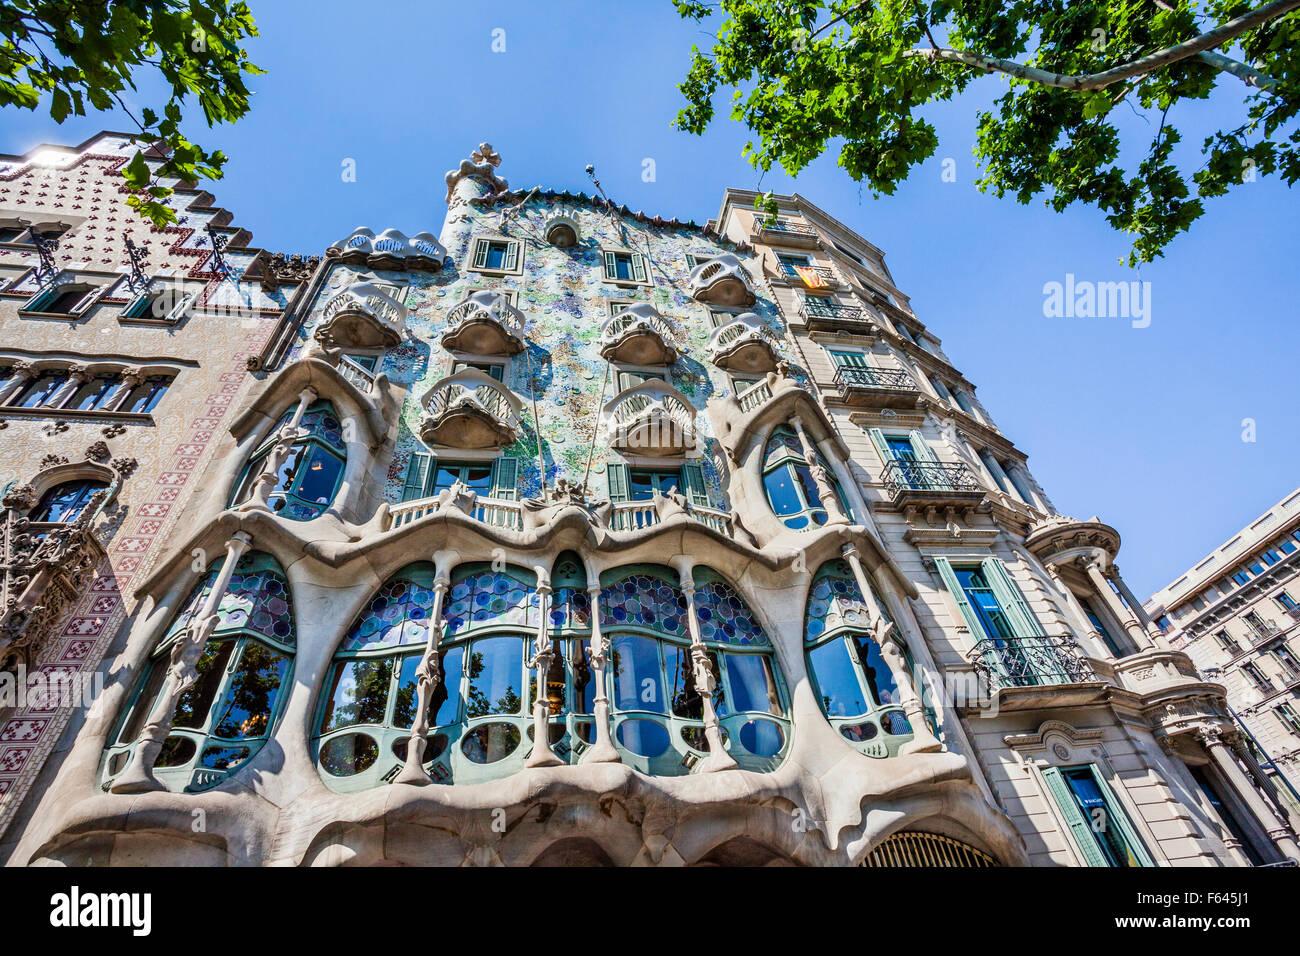 Spagna, catatonia, Barcellona, Casa Batlló a Passeig de Gràcia, ridisegnato in 1904 da Antoni Gaudi Immagini Stock